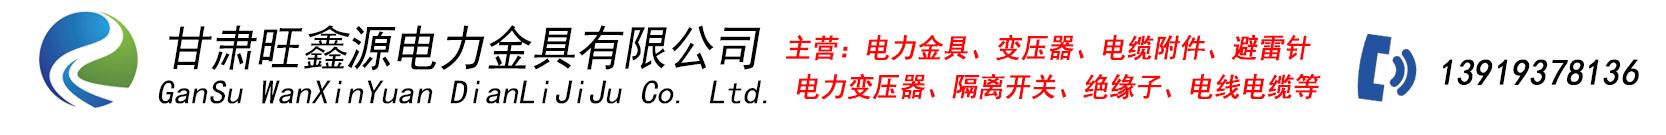 甘肃旺鑫源电力金具